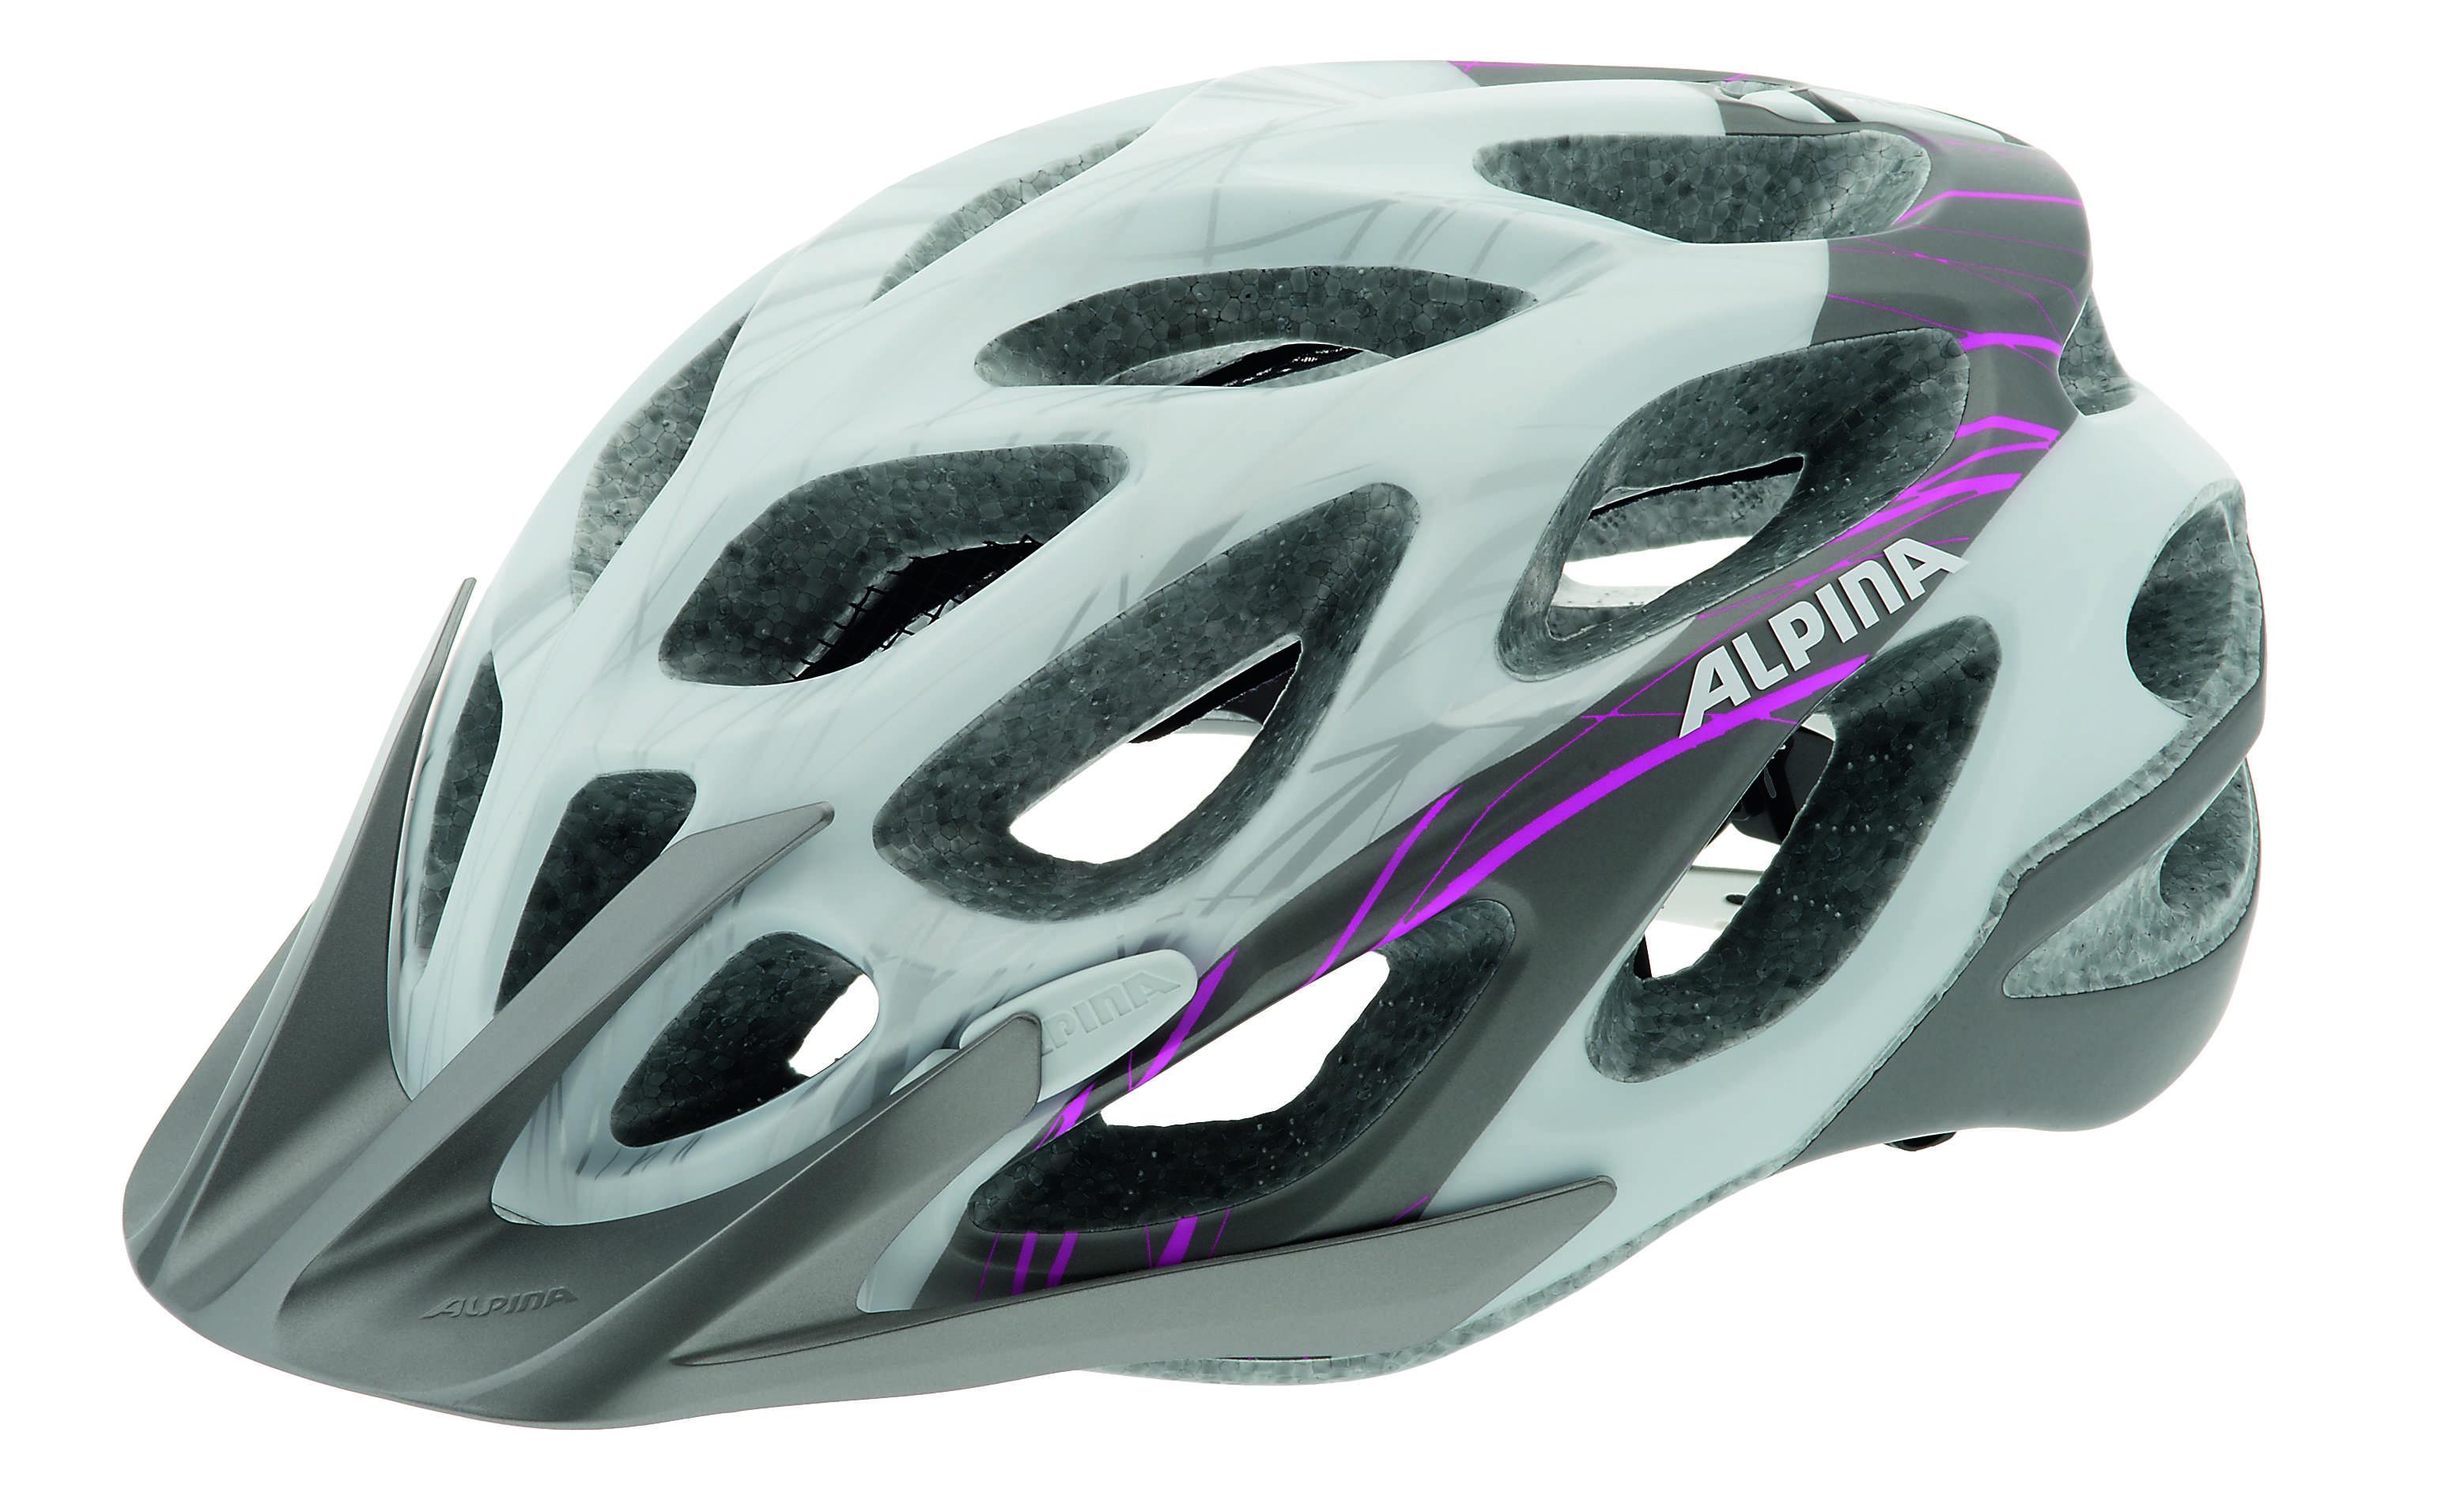 Летний шлем Alpina MTB Mythos 2.0 LE white-darksilver-pink, Шлемы велосипедные, 1179921  - купить со скидкой